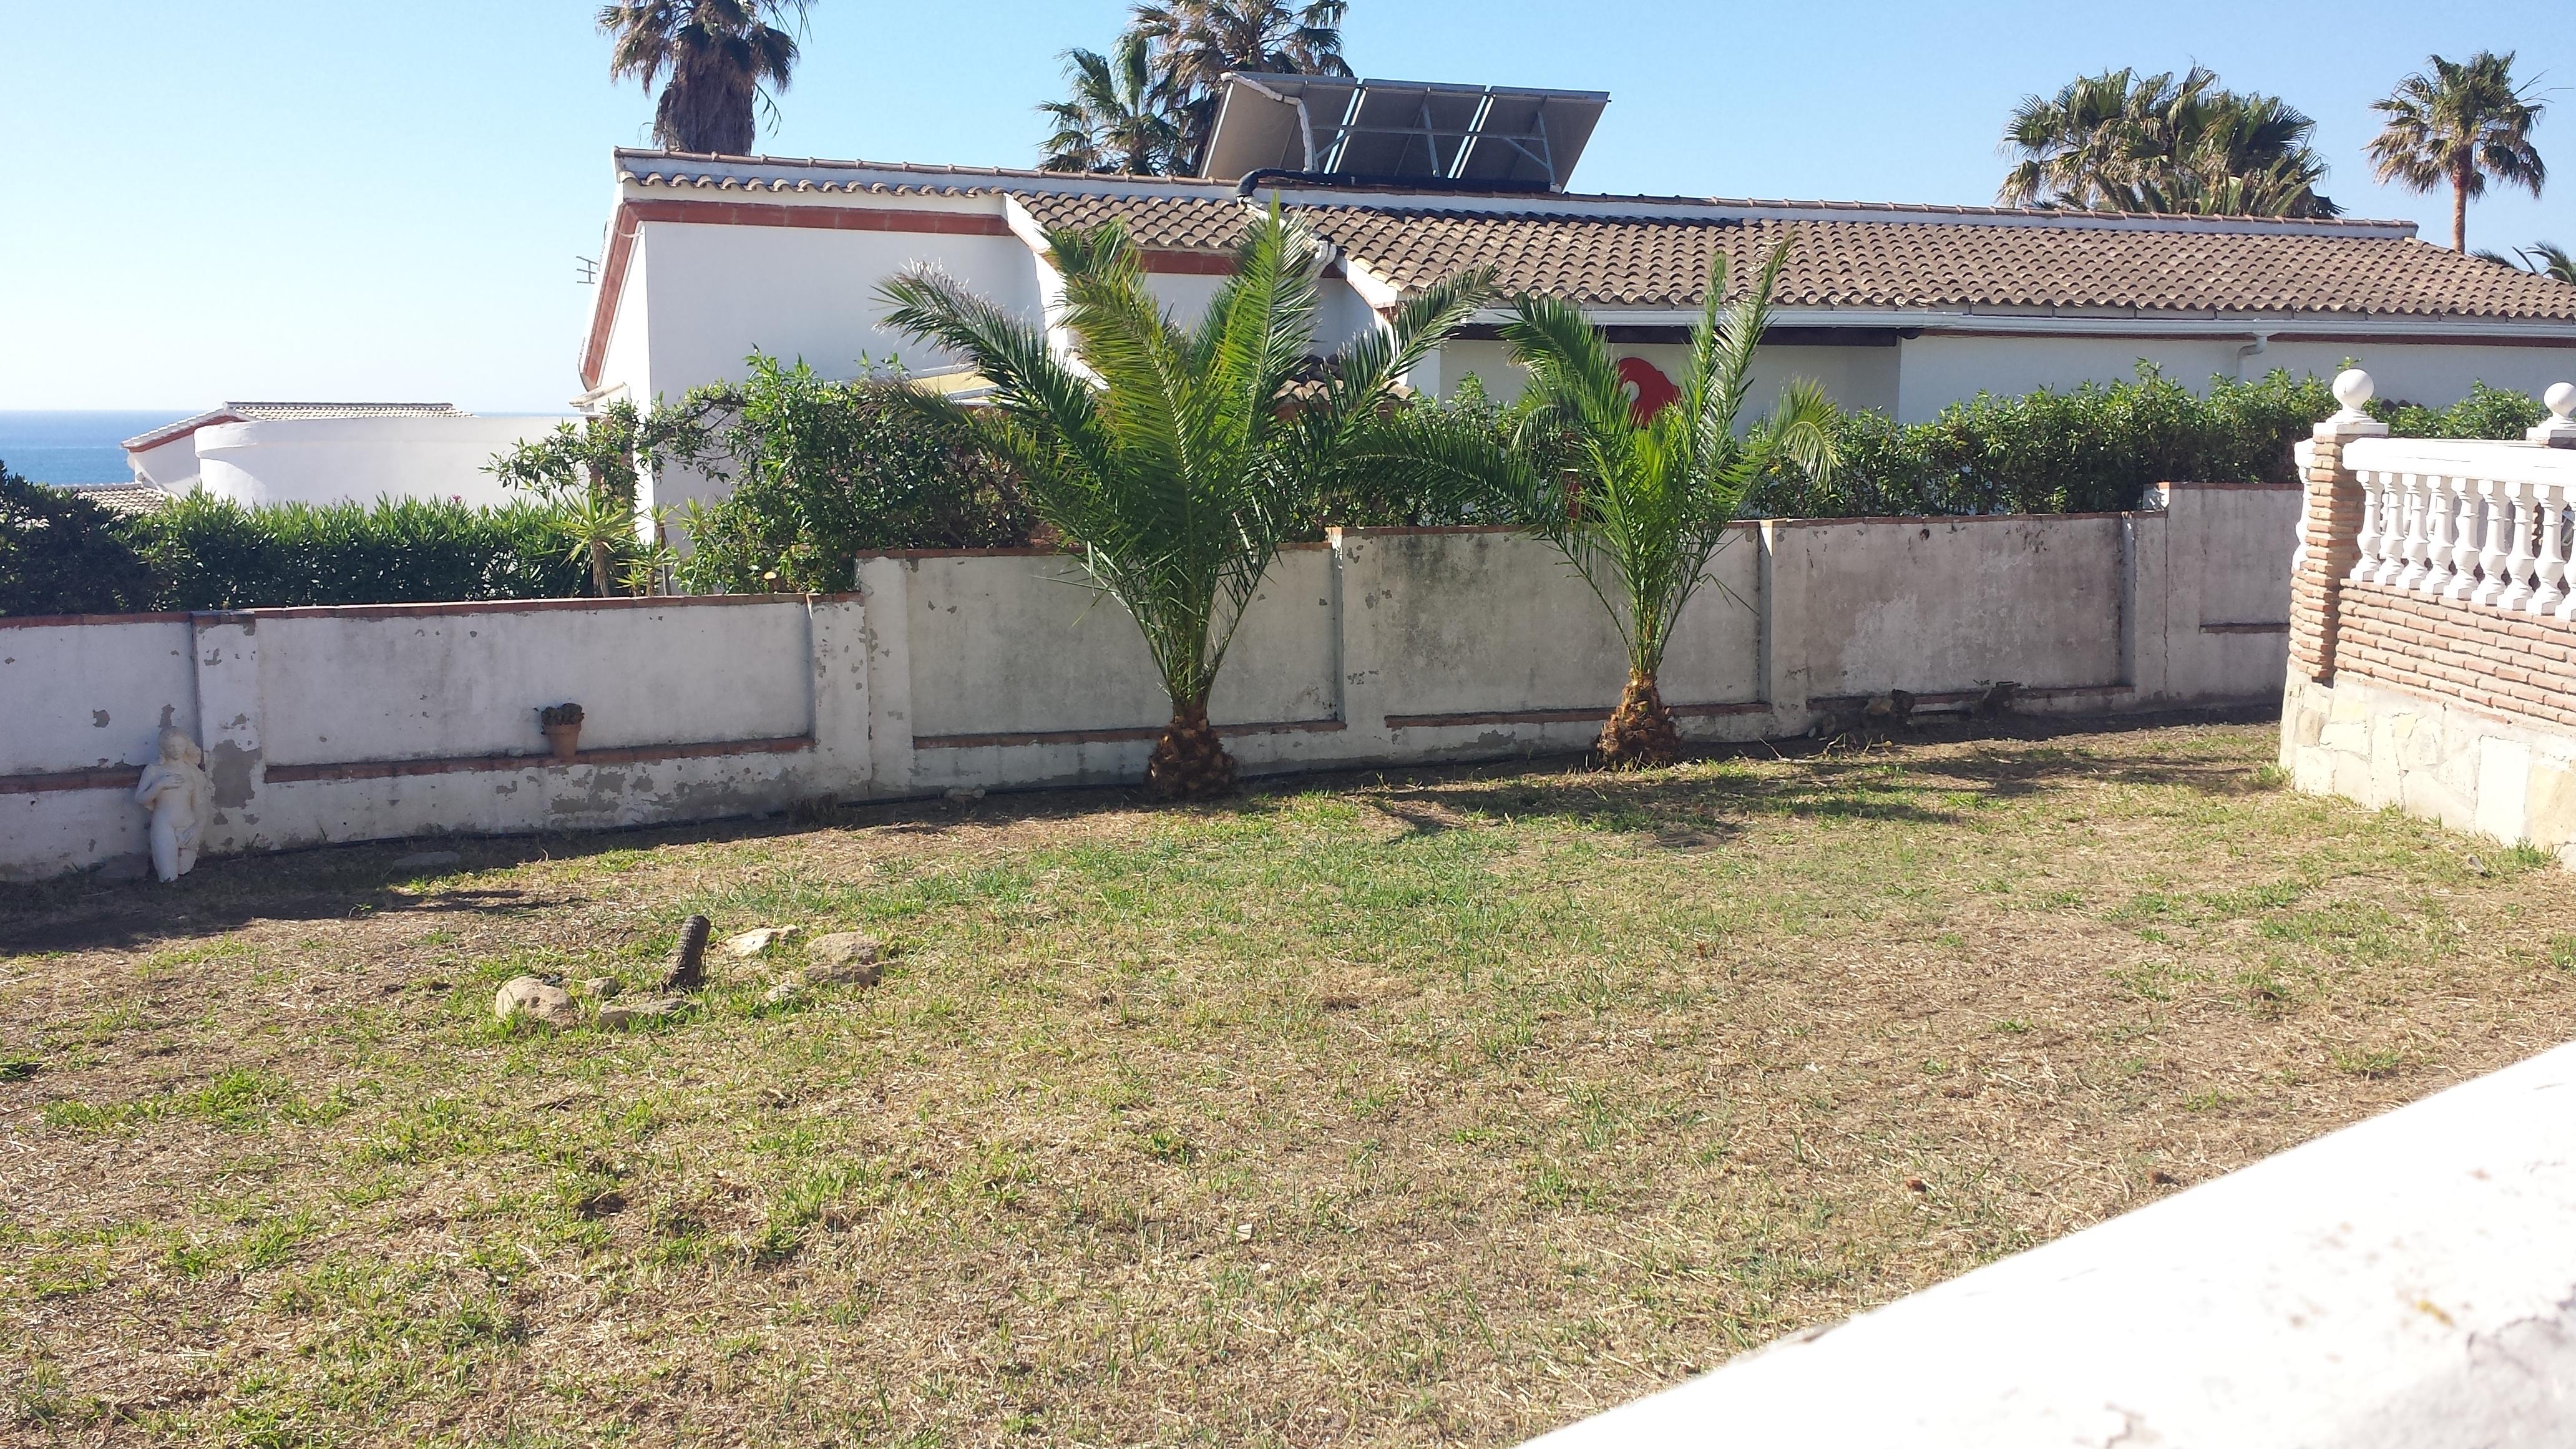 Casa en venta en Mijas, Málaga, Calle Cordoba, 521.000 €, 4 habitaciones, 3 baños, 226 m2